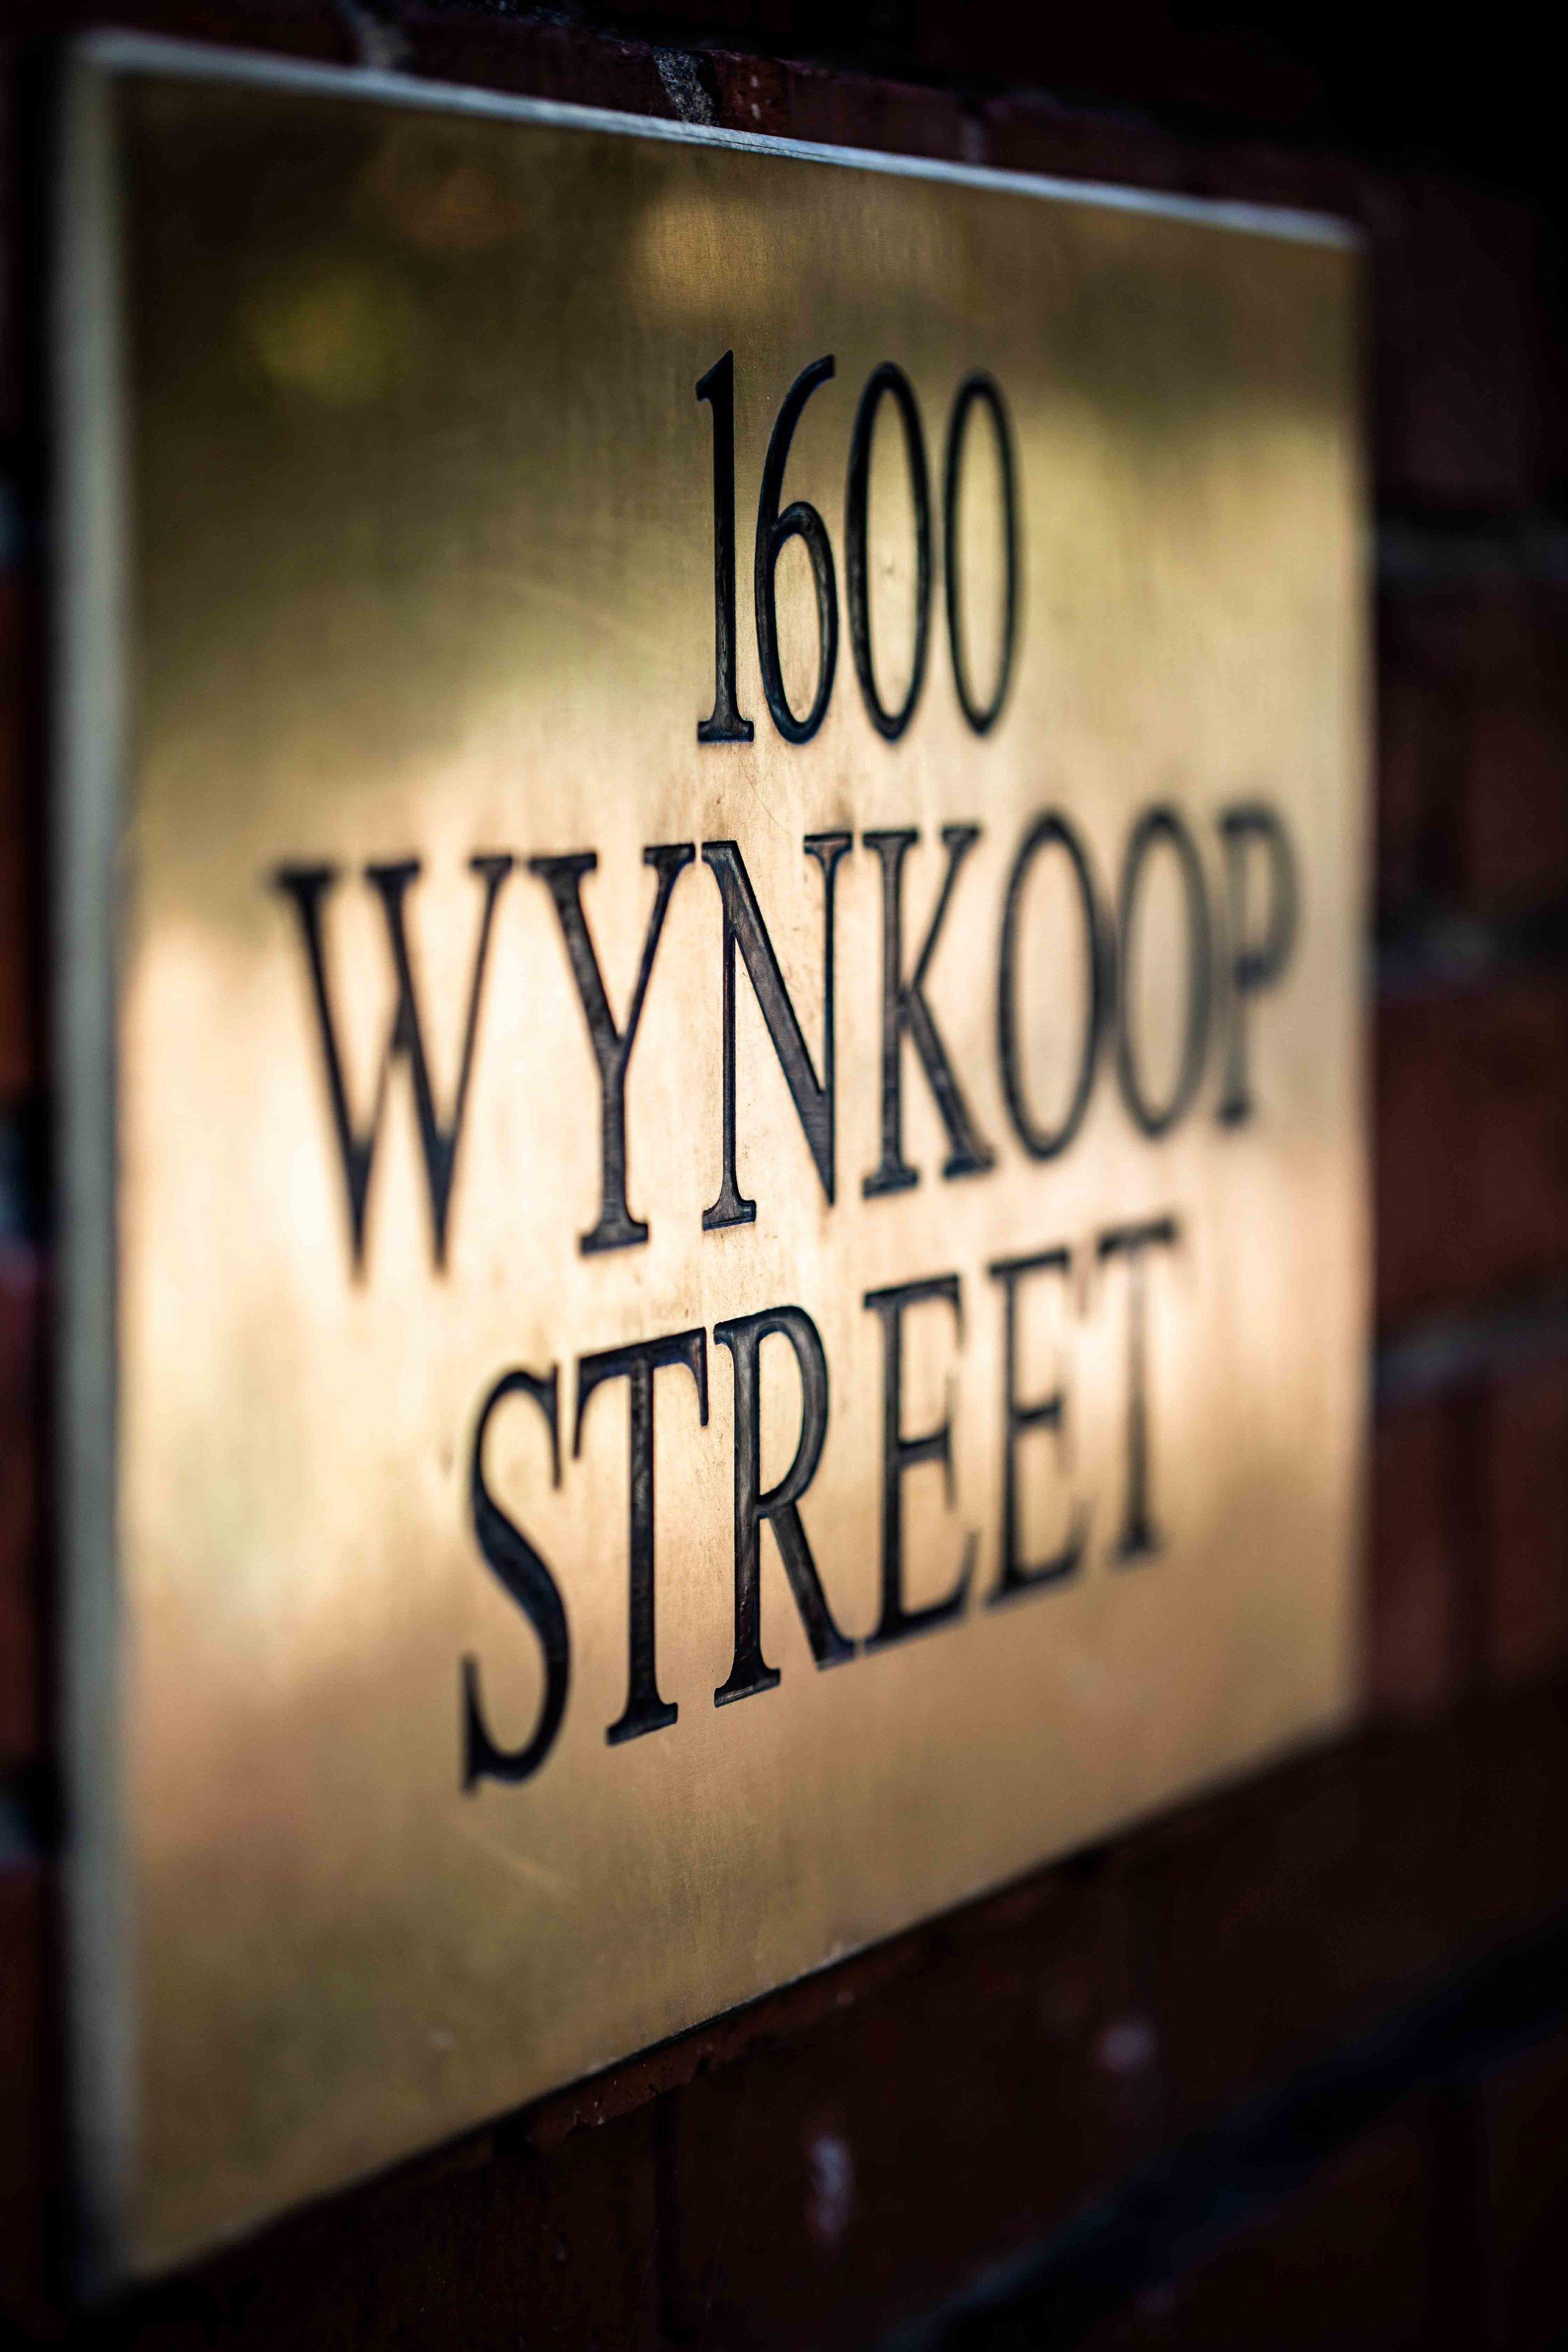 Wynkoop Street.jpg